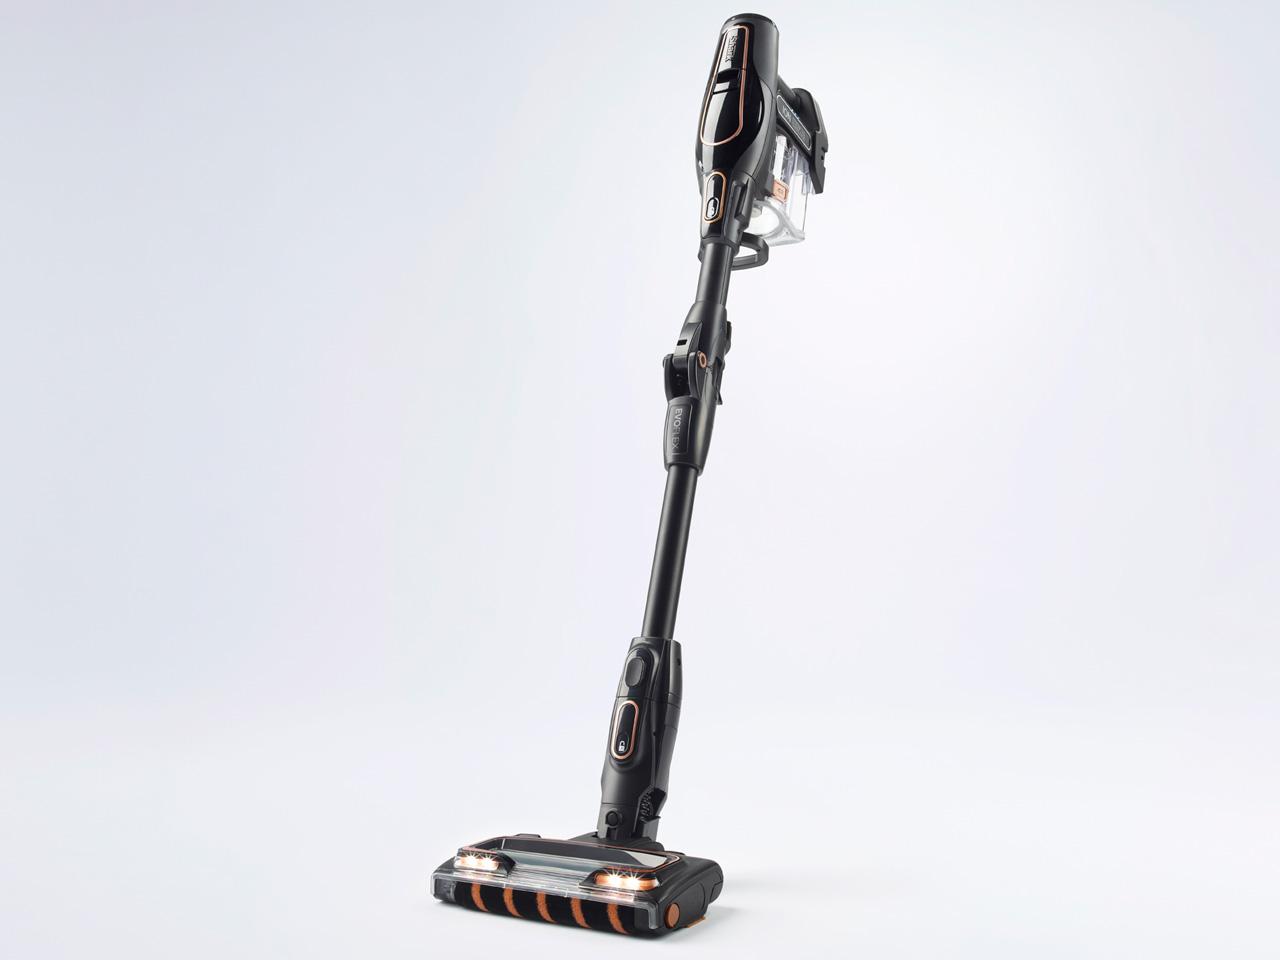 【新品/取寄品】コードレススティック掃除機 Shark EVOFLEX S30